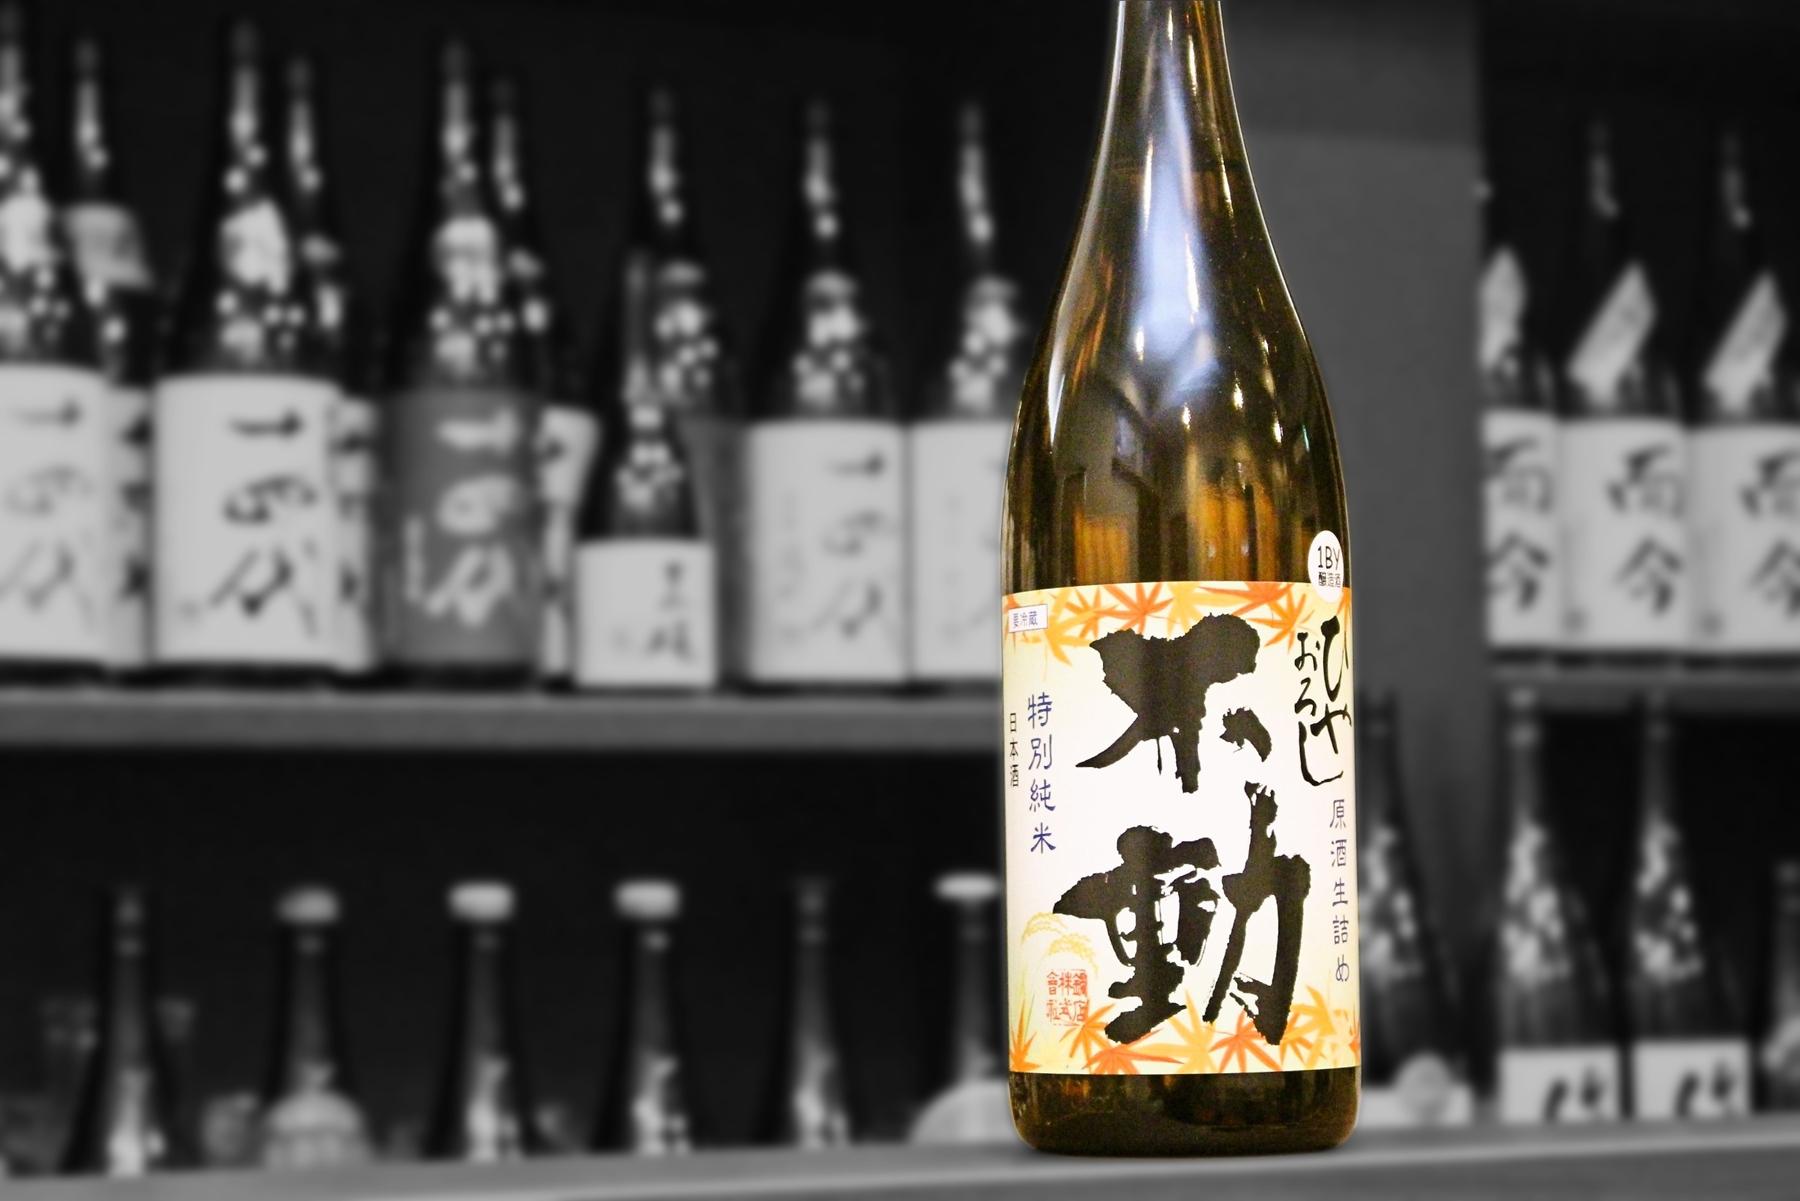 不動特別純米ひやおろし202008-001